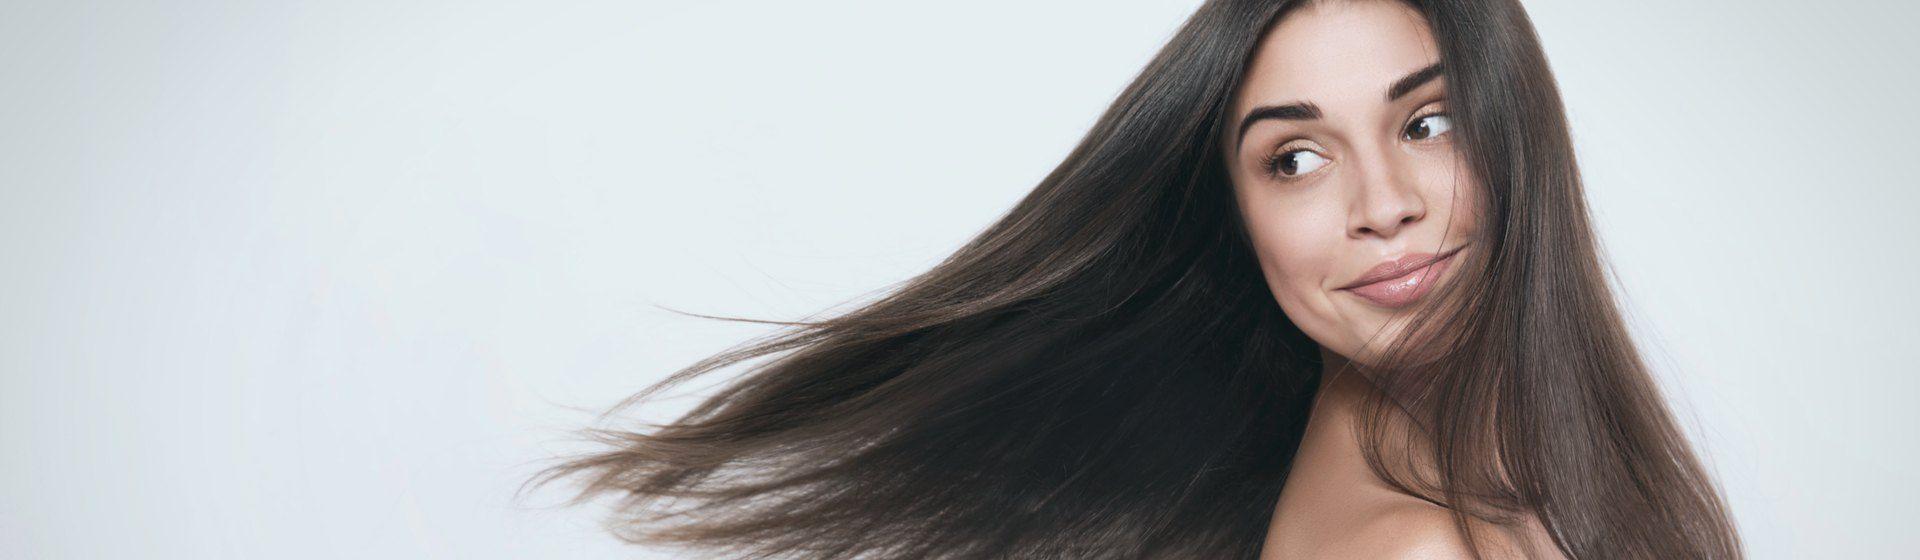 Como fazer o cabelo crescer? Veja dicas e produtos